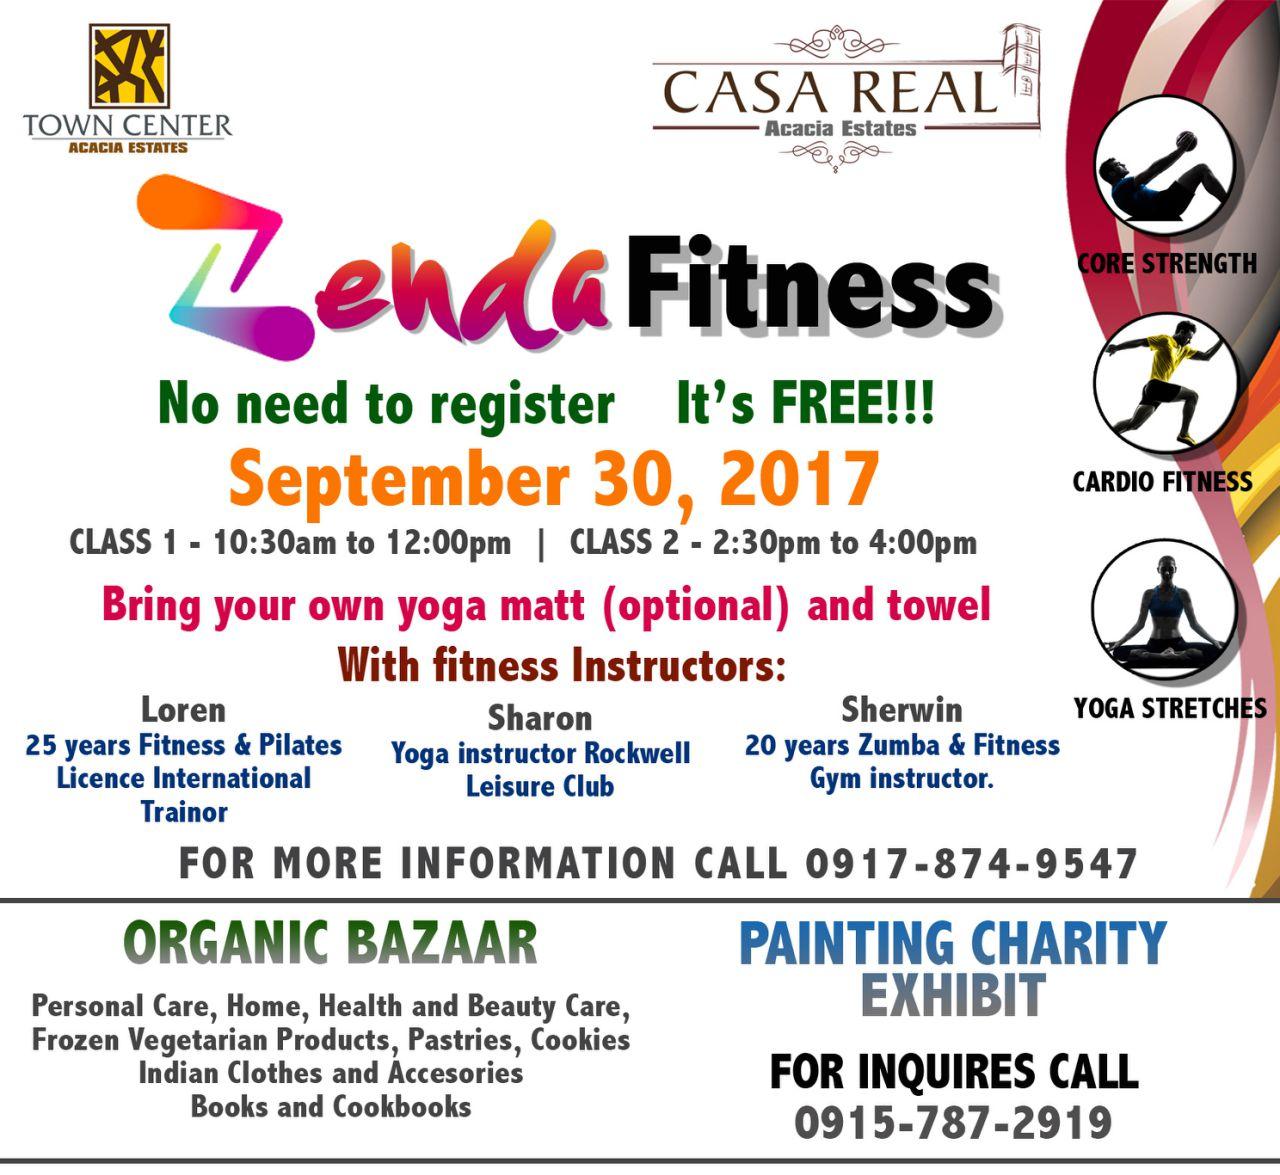 Zenda Fitness at Casa Real, Acacia Estates